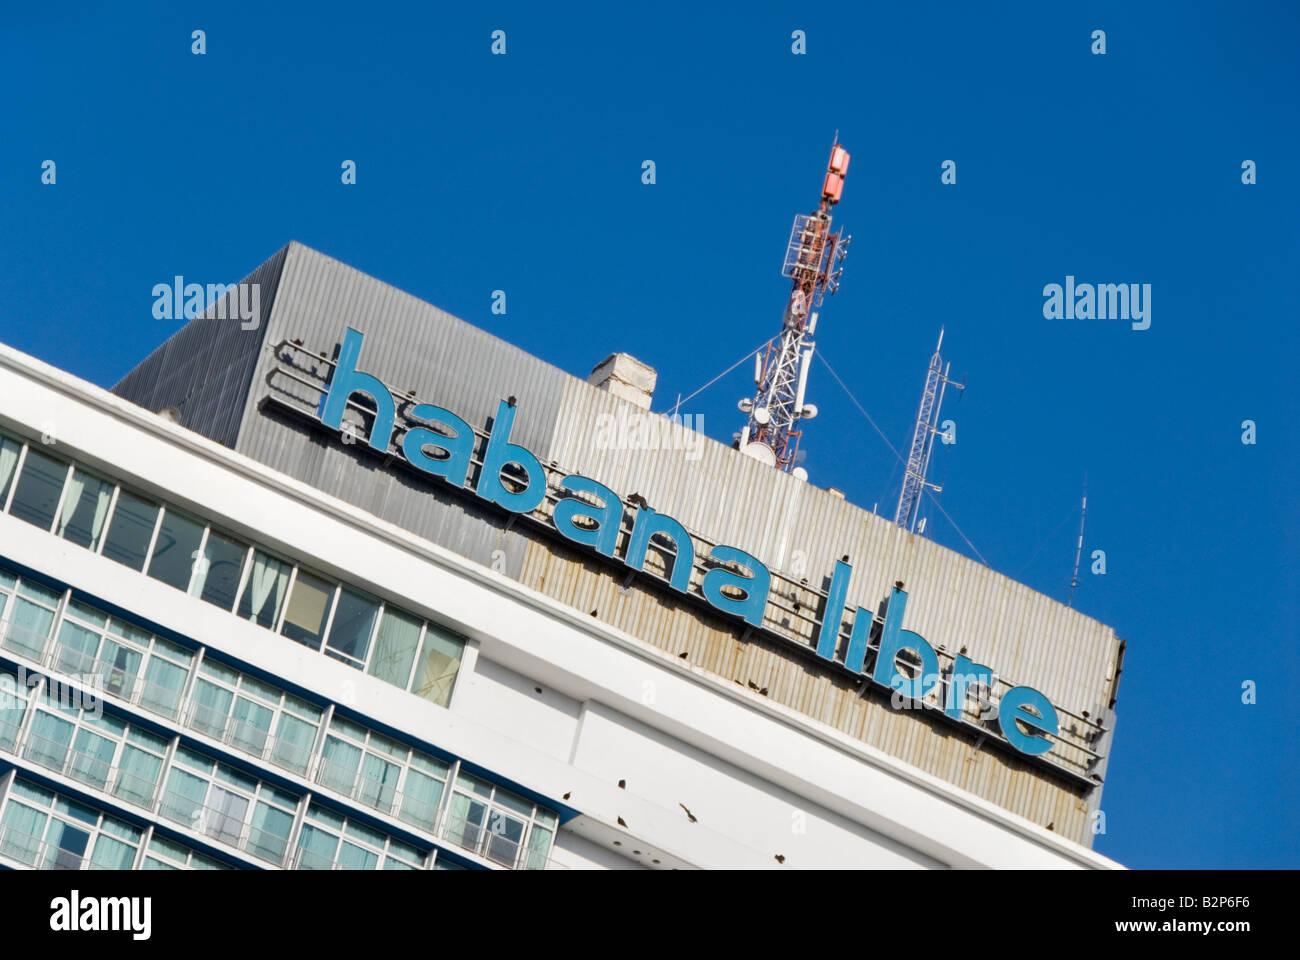 Signe de l'hôtel Habana Libre célèbre à Cuba La Havane Verdado Photo Stock